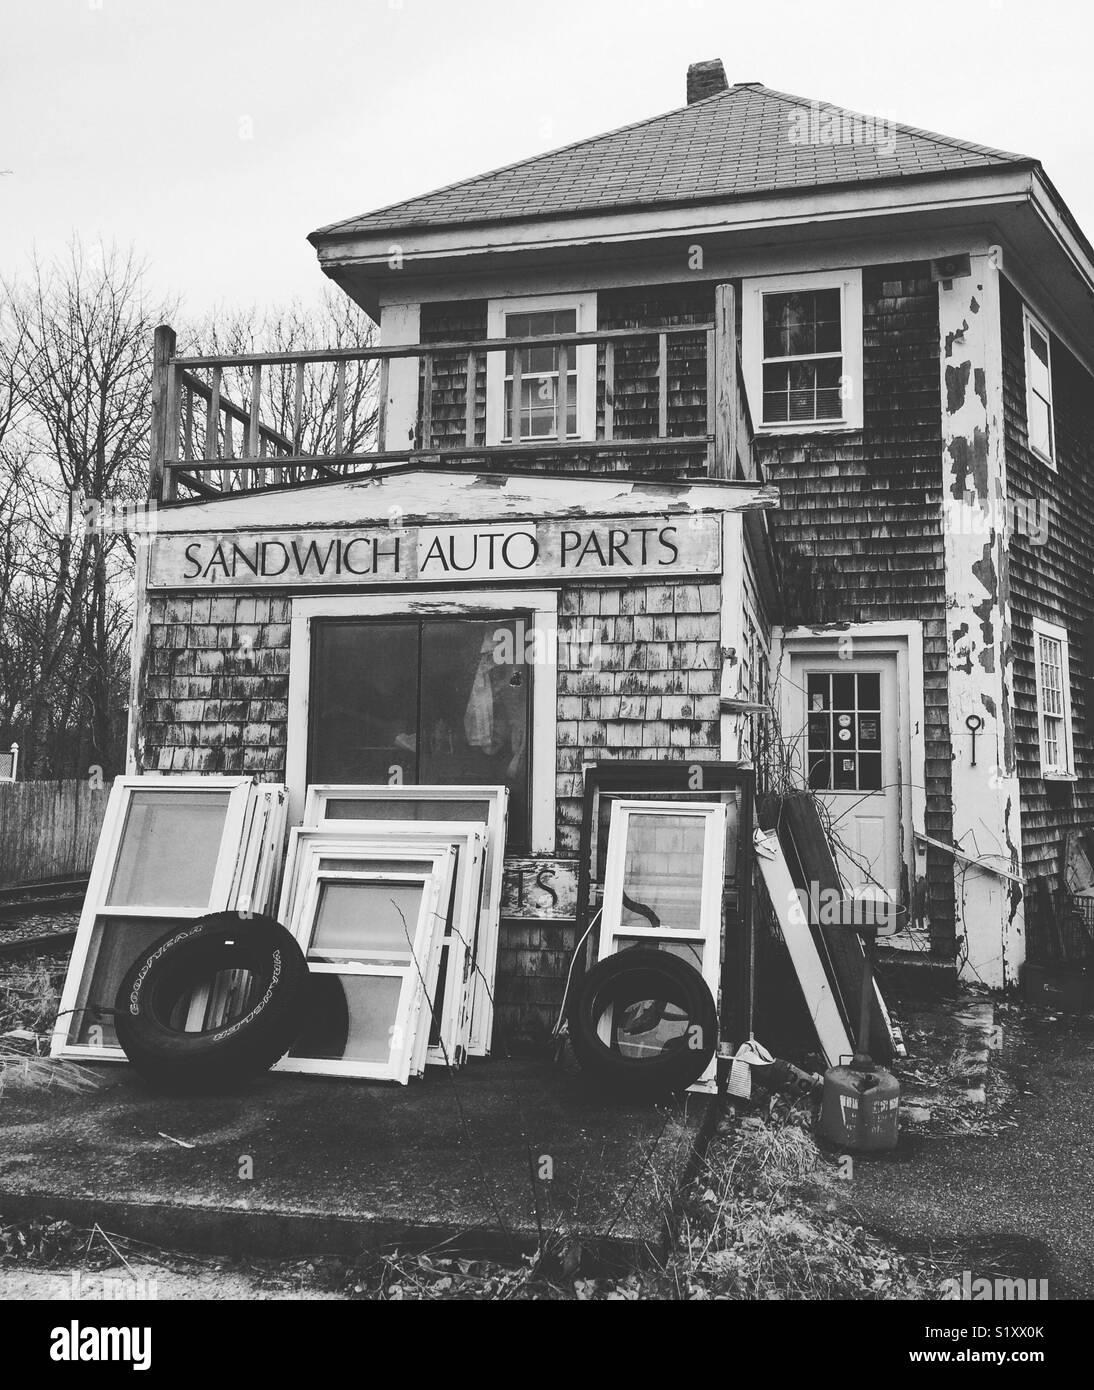 Sandwich di parti di auto, sandwich, Cape Cod, Massachusetts, Stati Uniti Immagini Stock